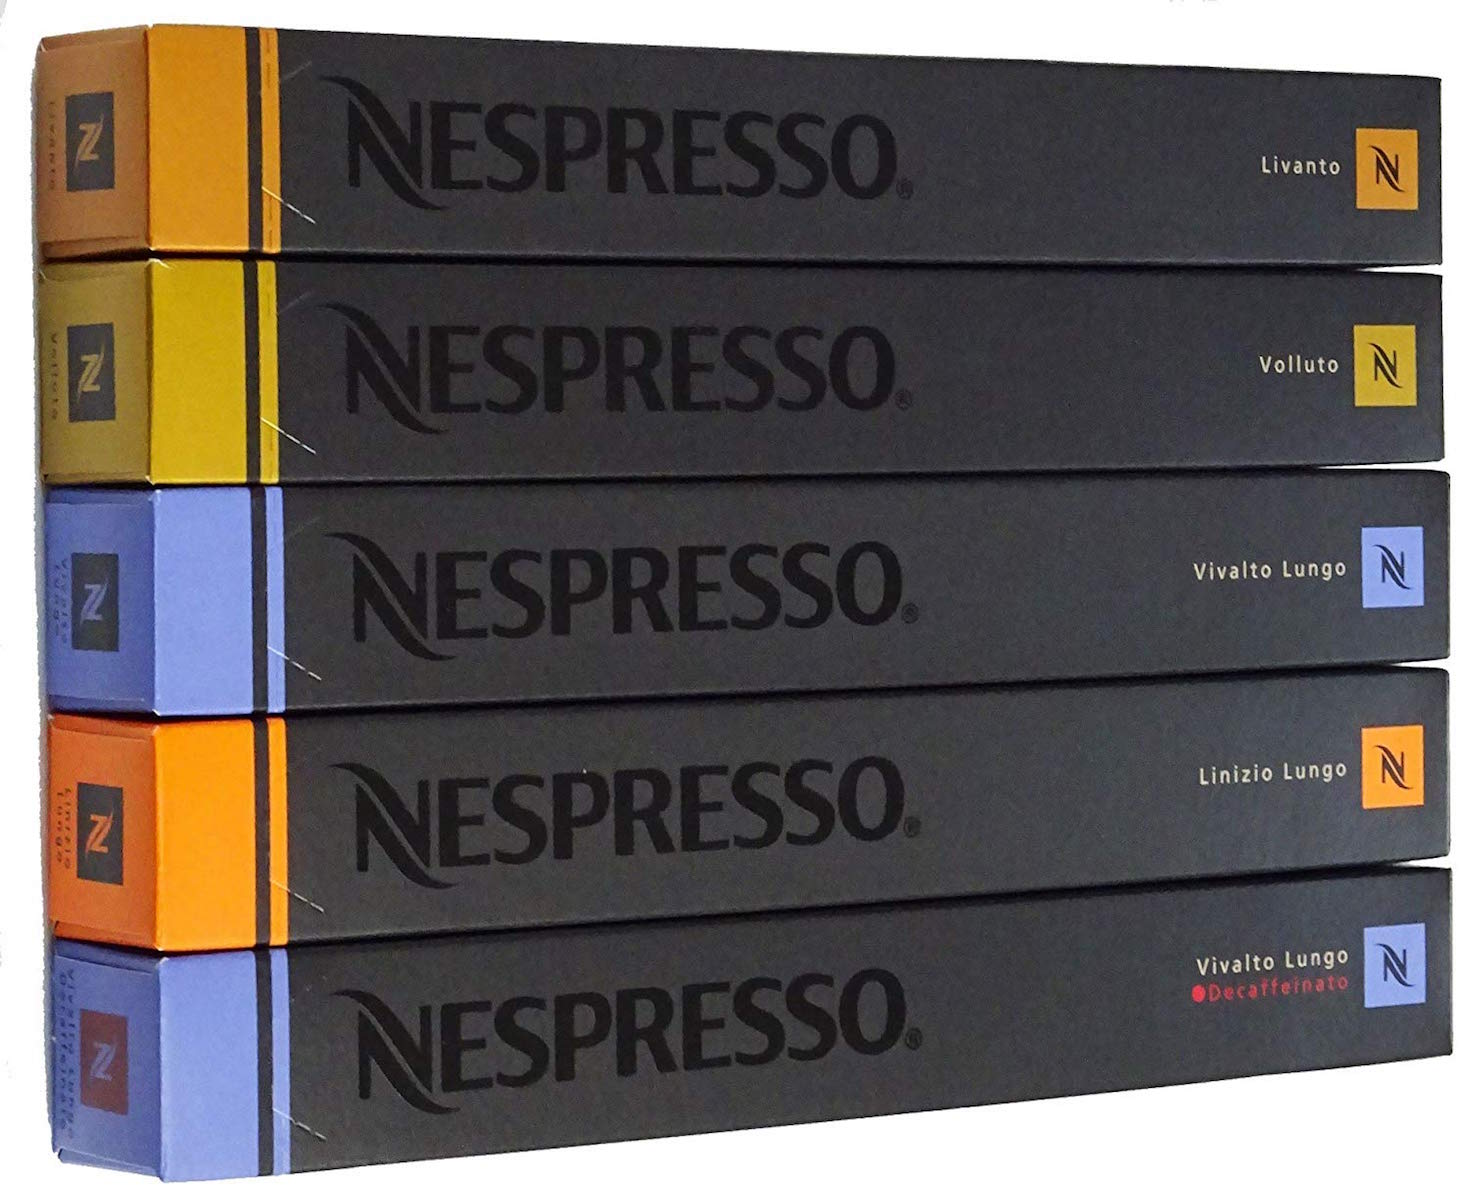 Nespresso ネスプレッソ カプセル マイルド タイプ 5種 1本 10個入 カプセル x 5本 合計 50 カプセル リヴァント ヴォリュート ヴィヴァルト・ルンゴ リニツィオ・ルンゴ ヴィヴァルト・ルンゴ・デカフェ セット 詰め合わせ